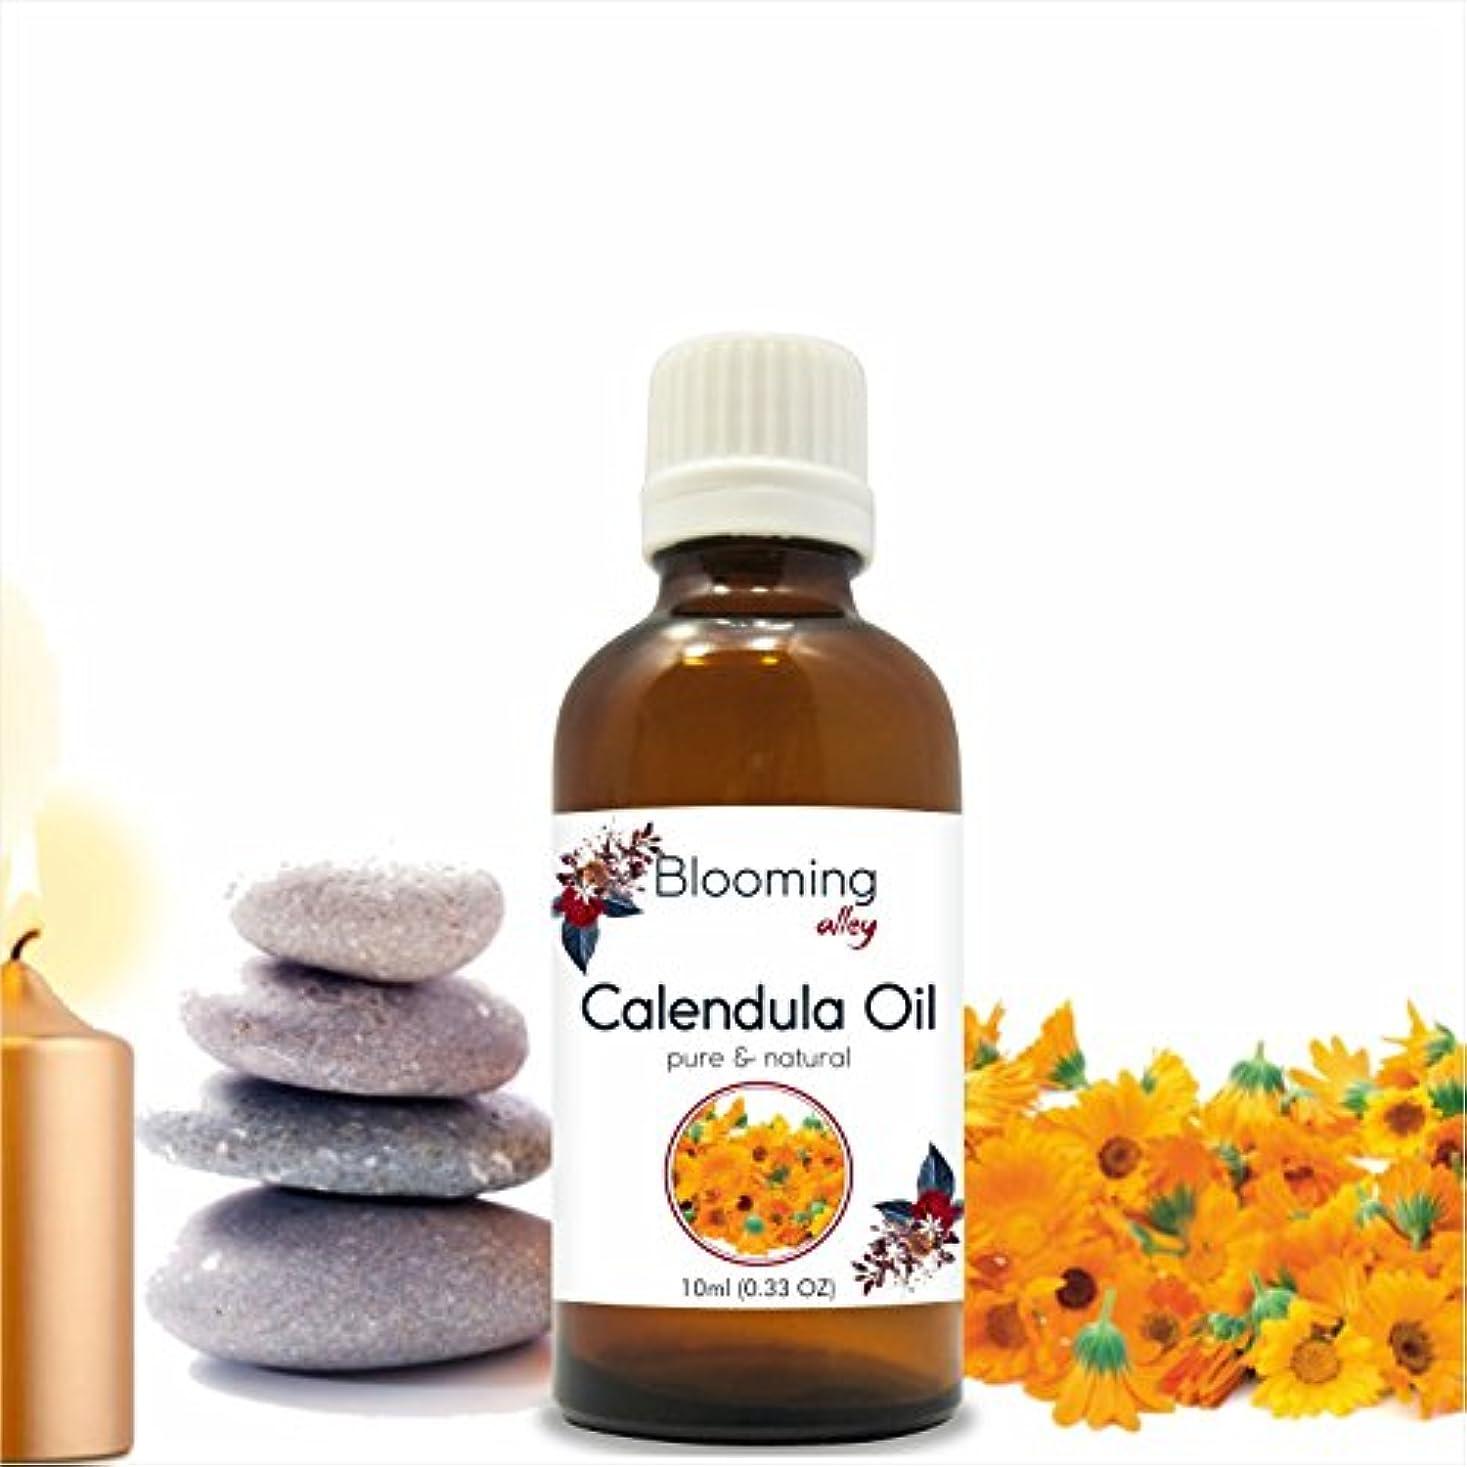 要塞ディレイエンジニアリングCalendula Oil (Calendula Officinalis) Essential Oil 10 ml or 0.33 Fl Oz by Blooming Alley